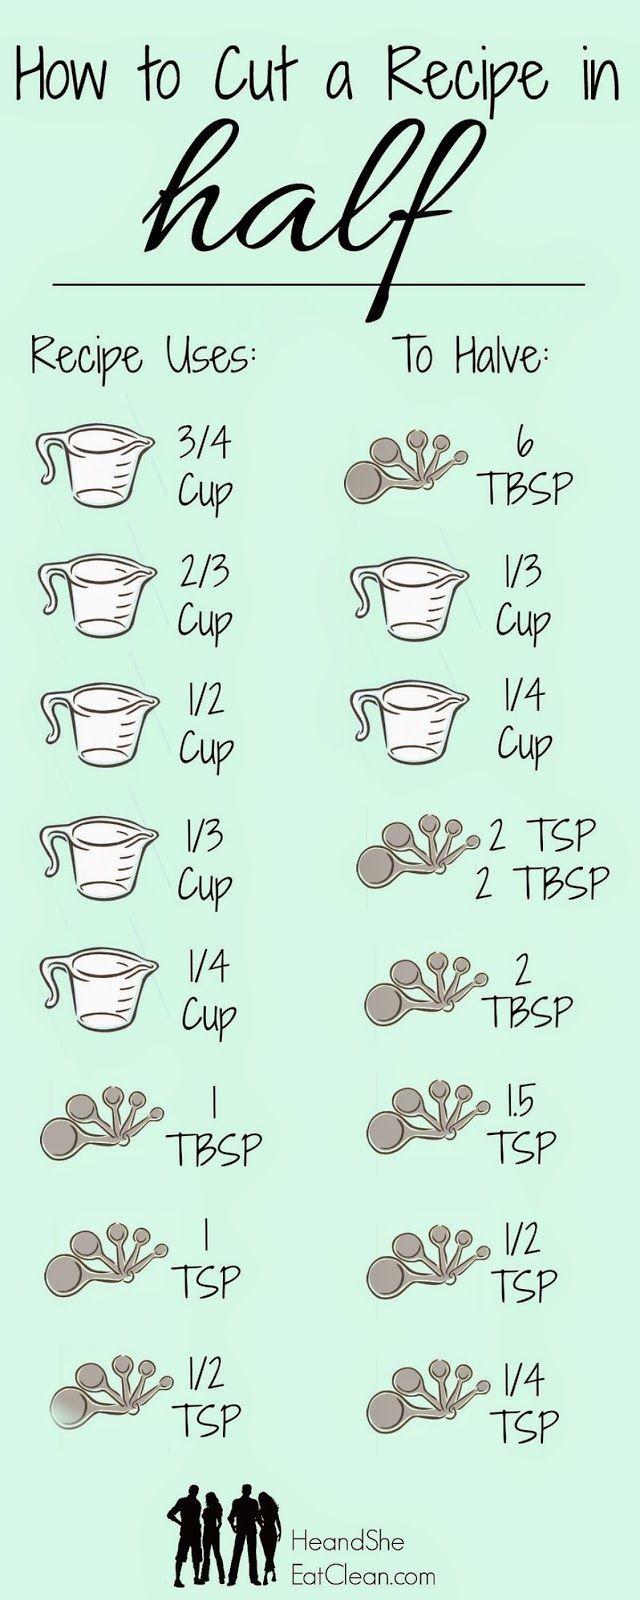 Printable Guide to Split Any Recipe in Half